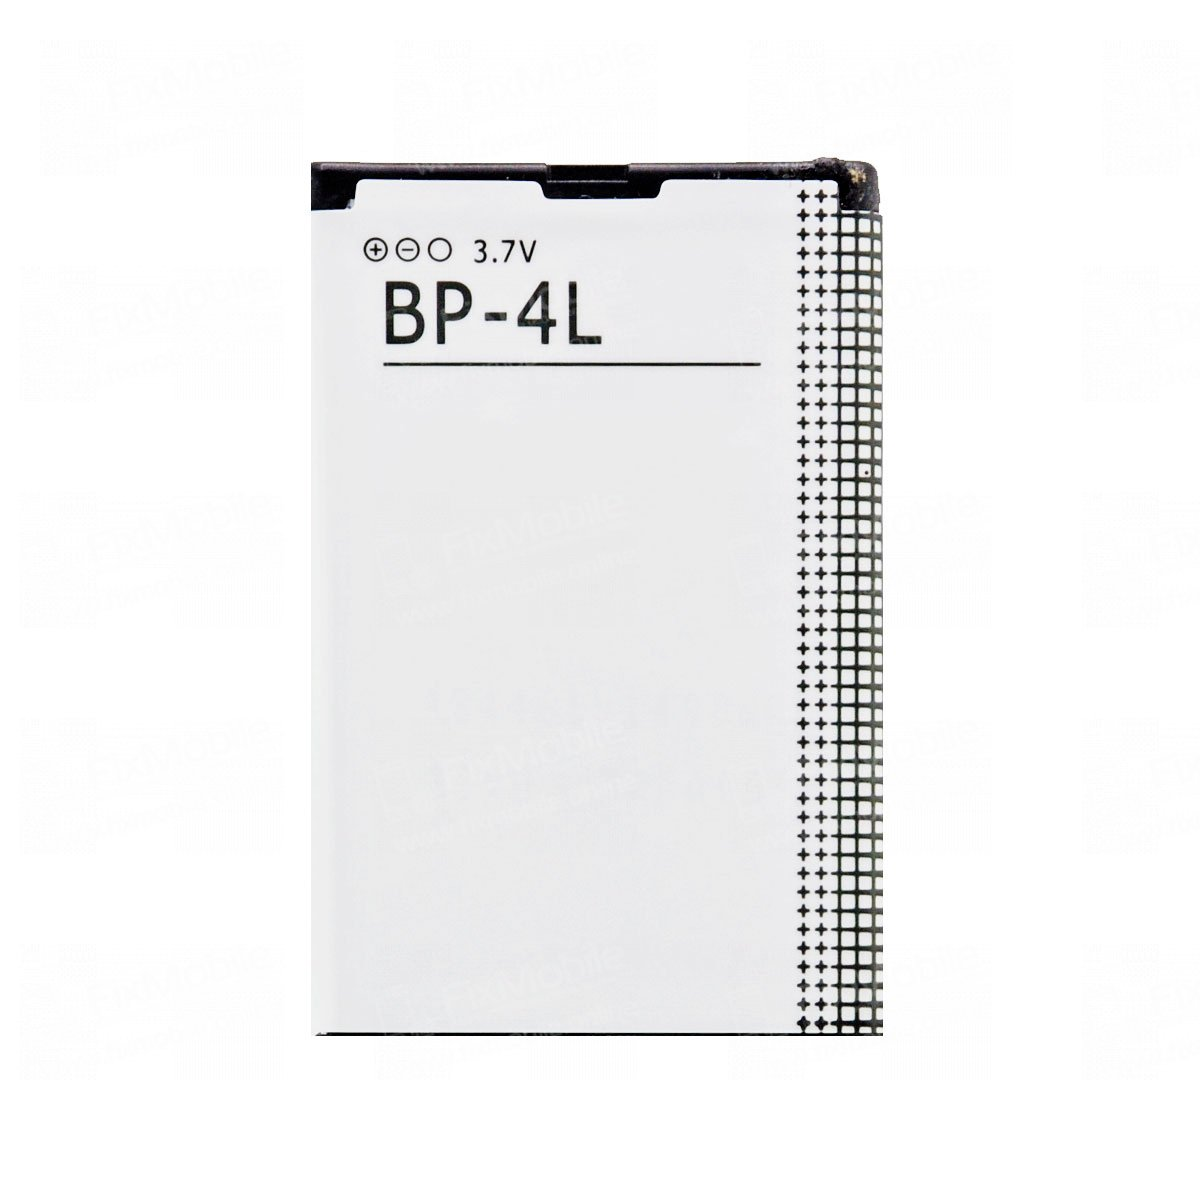 Аккумуляторная батарея для Nokia E71 BP-4L